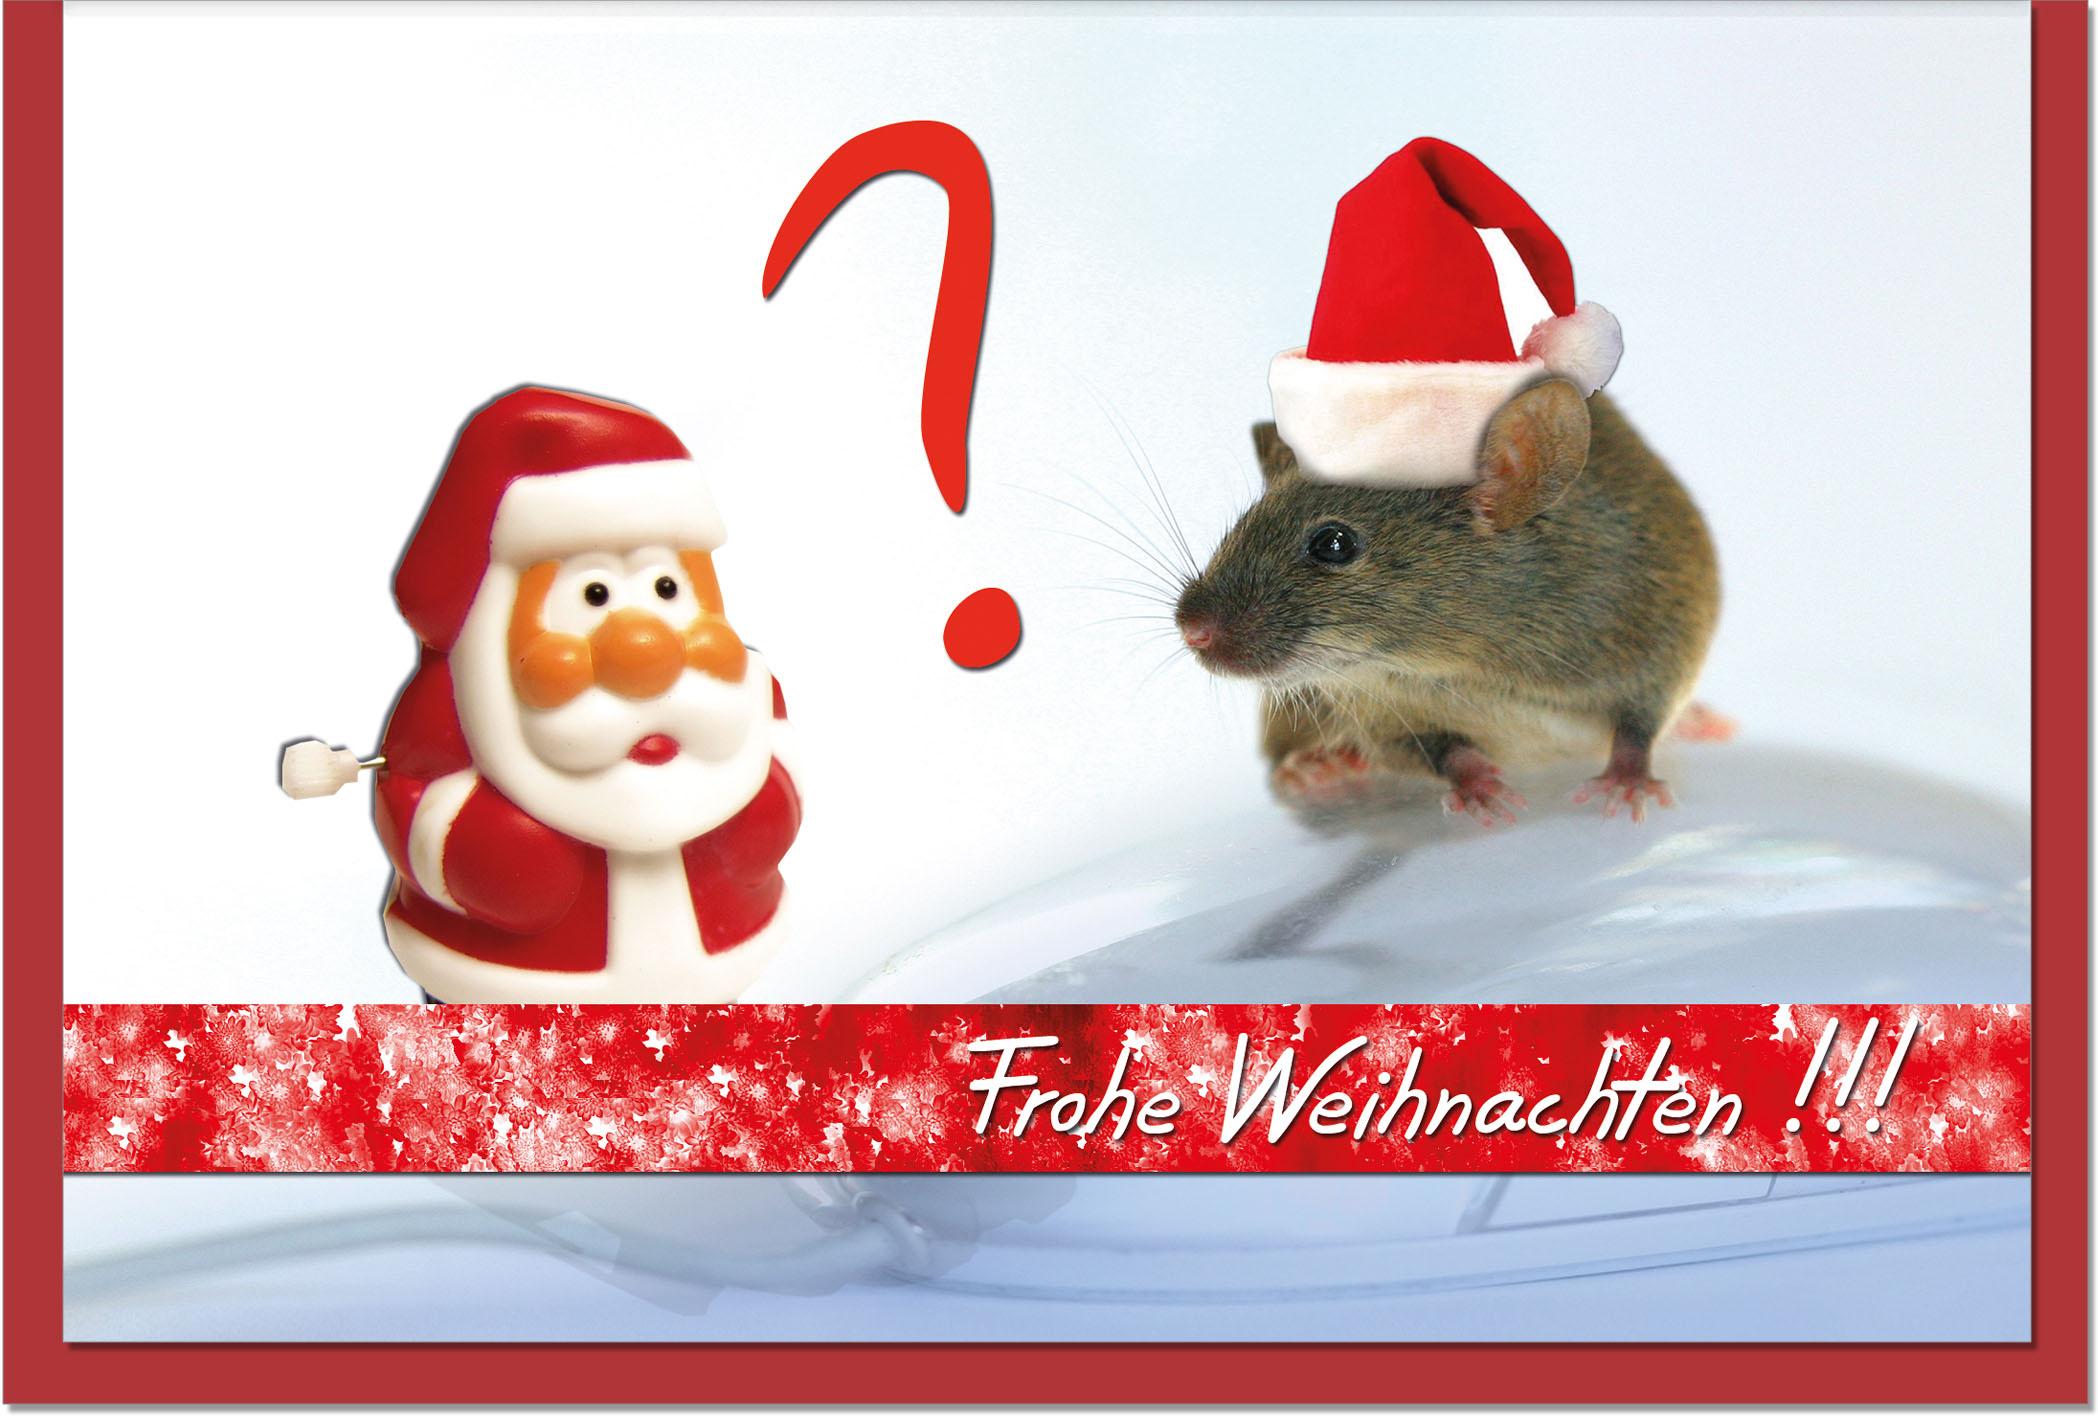 Weihnachtskarten / Grußkarten /Weihnachten Weihnachtliche Maus